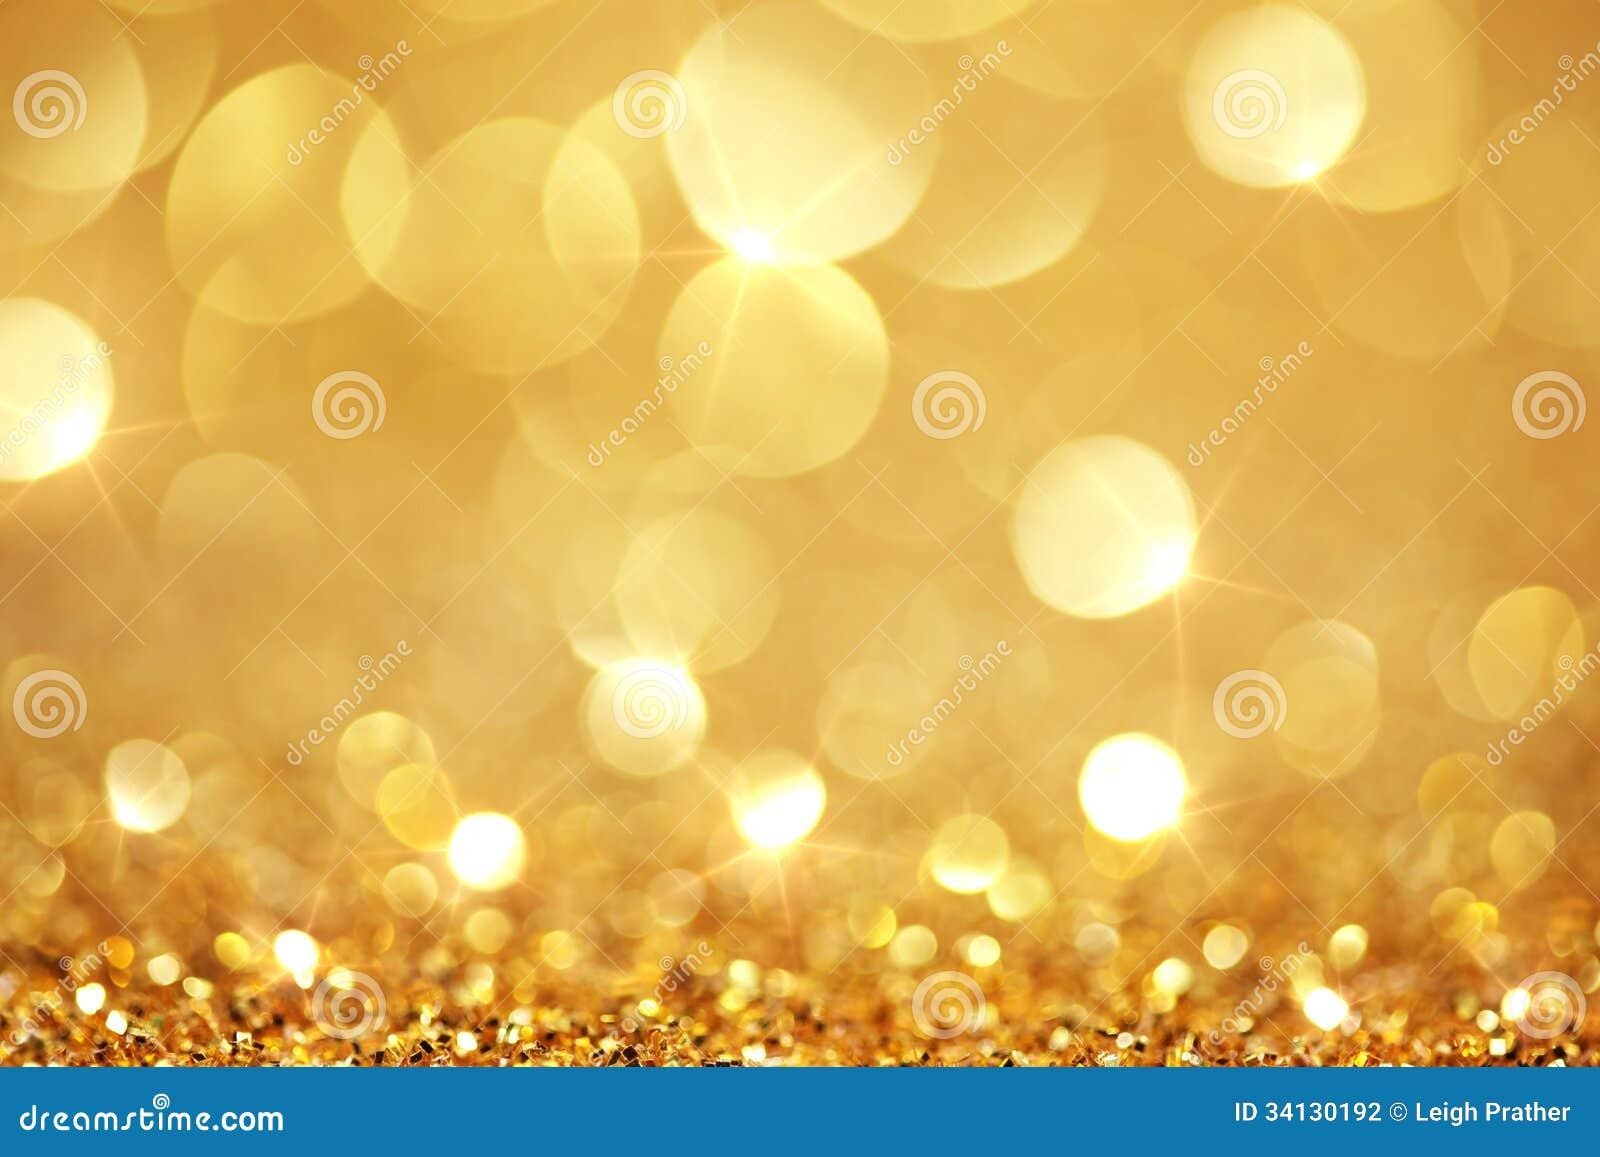 发光的金黄光